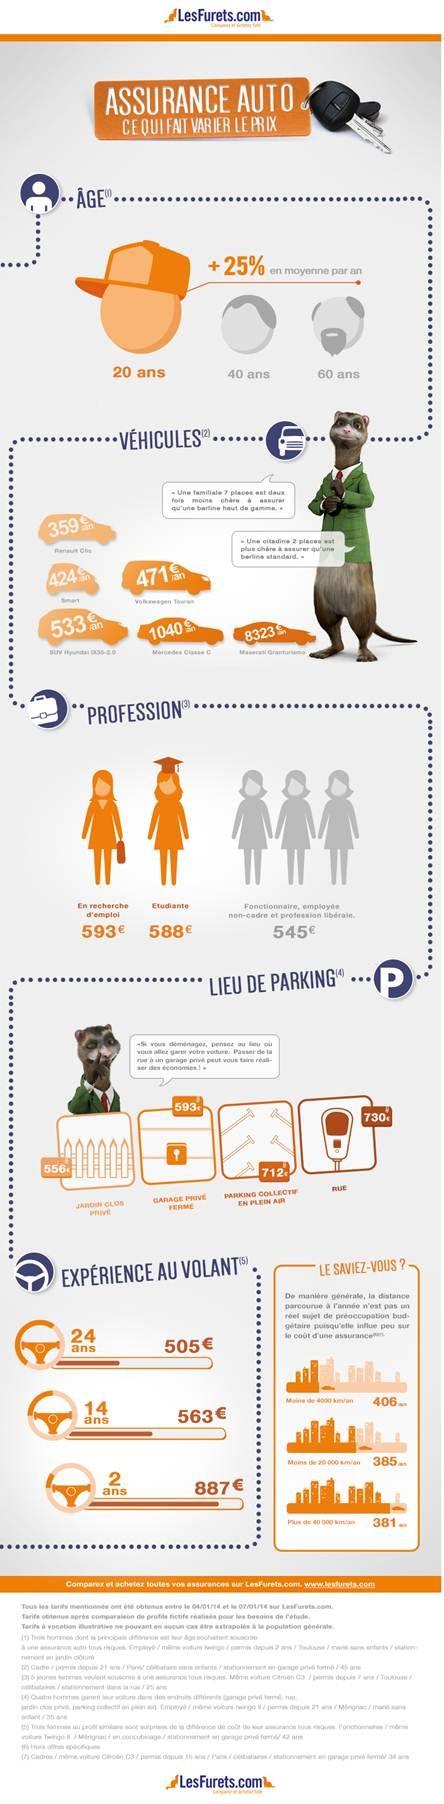 #AssuranceAuto : ce qui fait varier le prix par le comparateur d'assurance auto #lesfurets.com